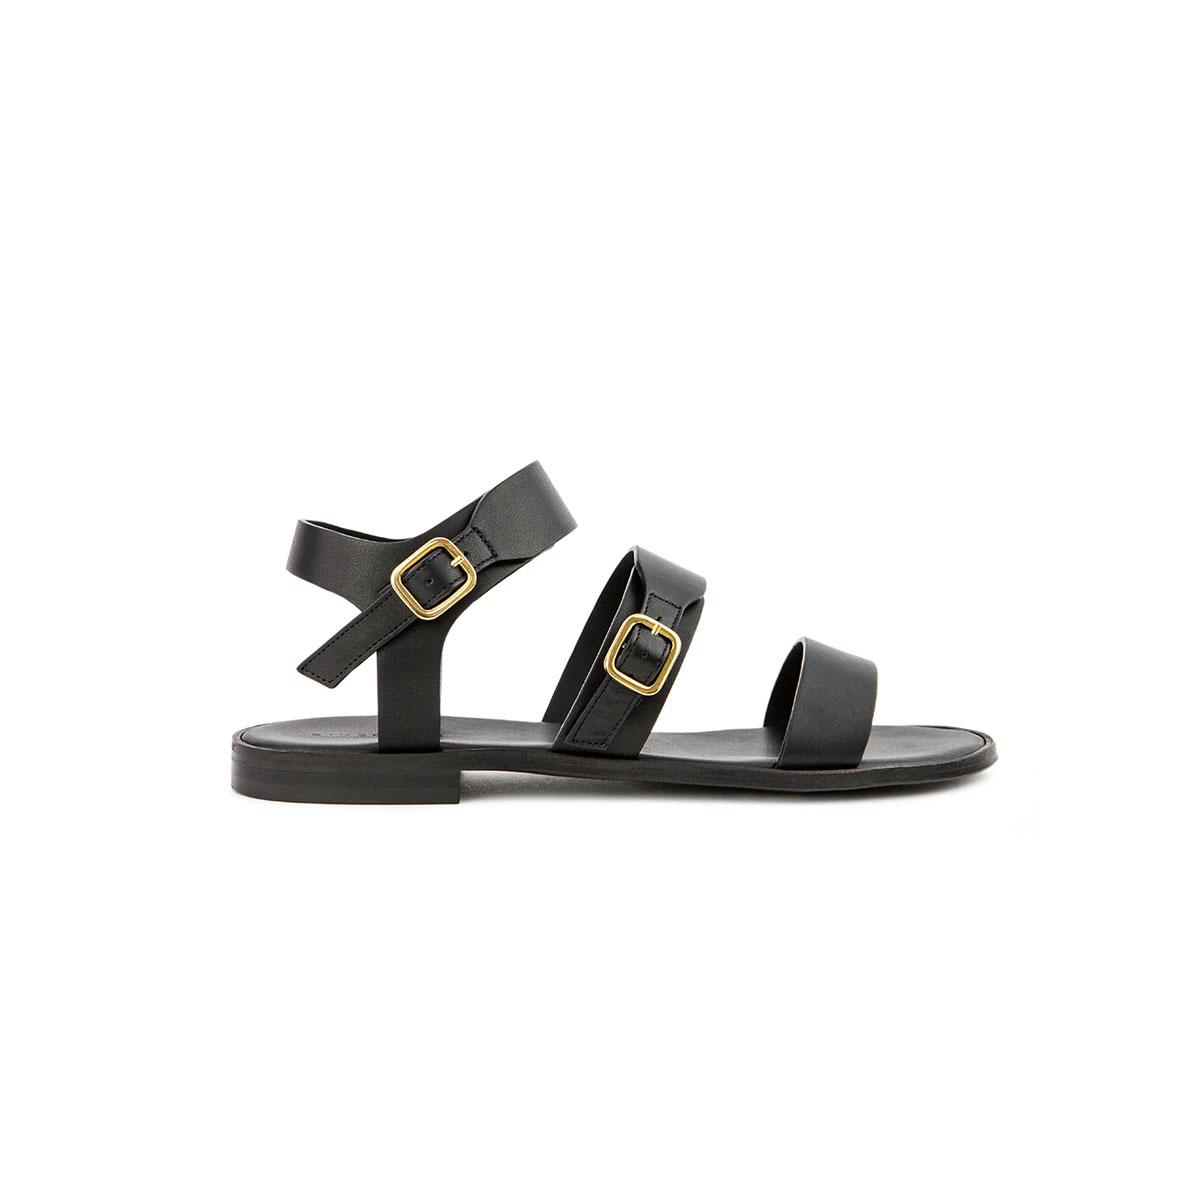 RIVECOUR Sandales N° 303 noir